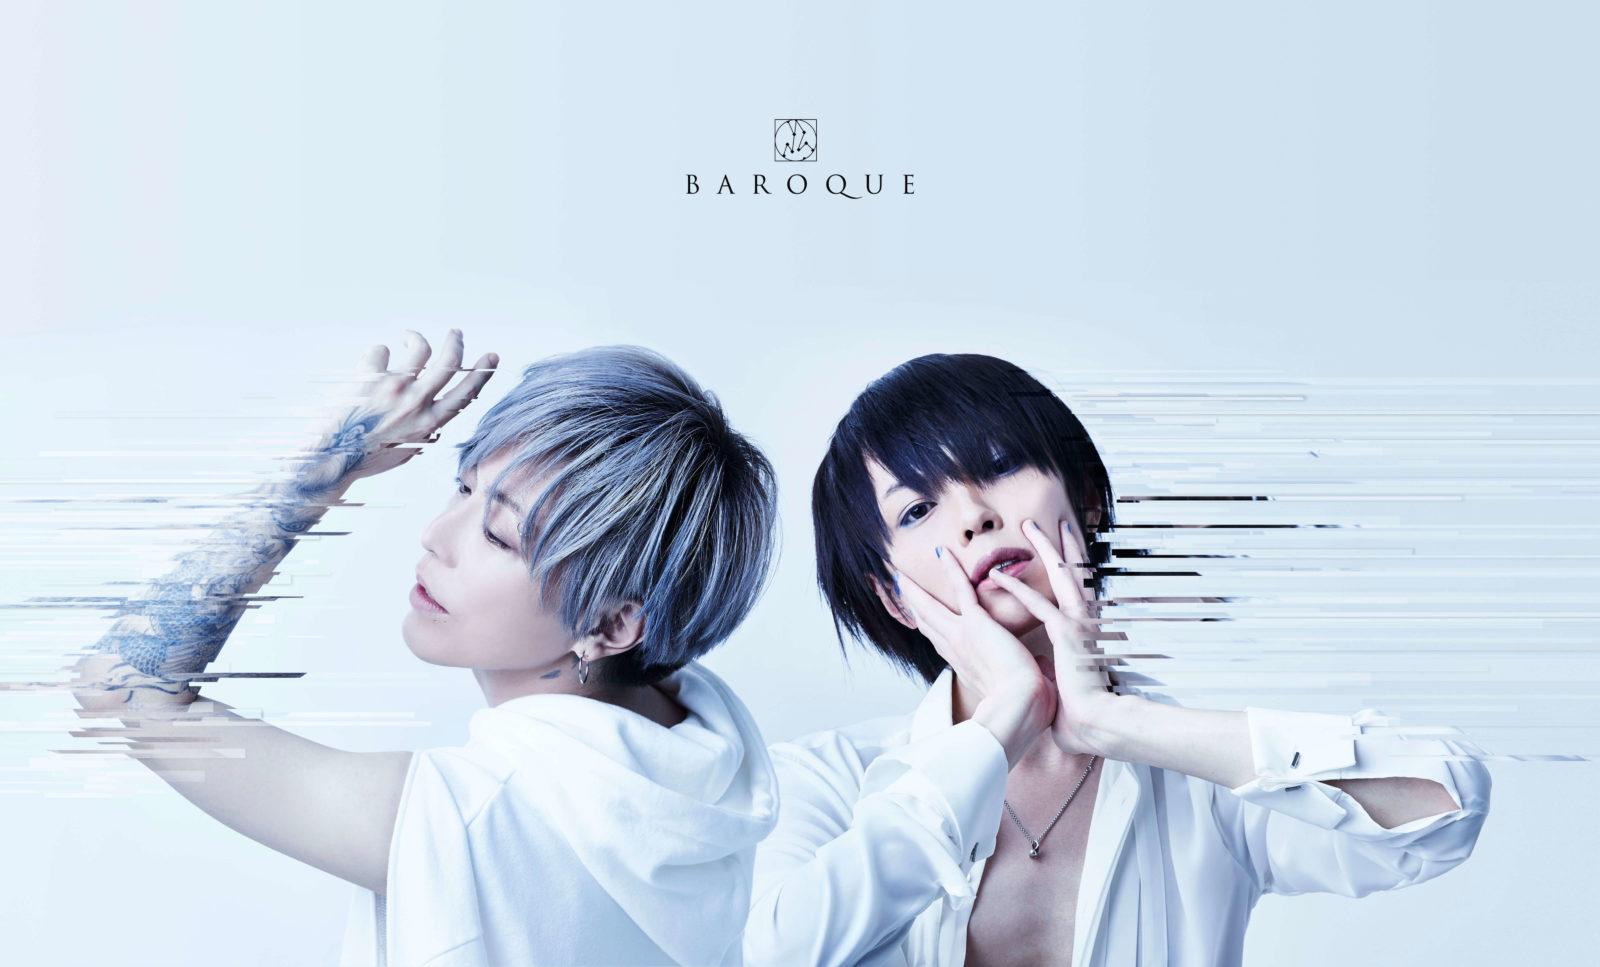 BAROQUE、4年2カ月振りとなるニューアルバム『PUER ET PUELLA』詳細&アートワーク解禁サムネイル画像